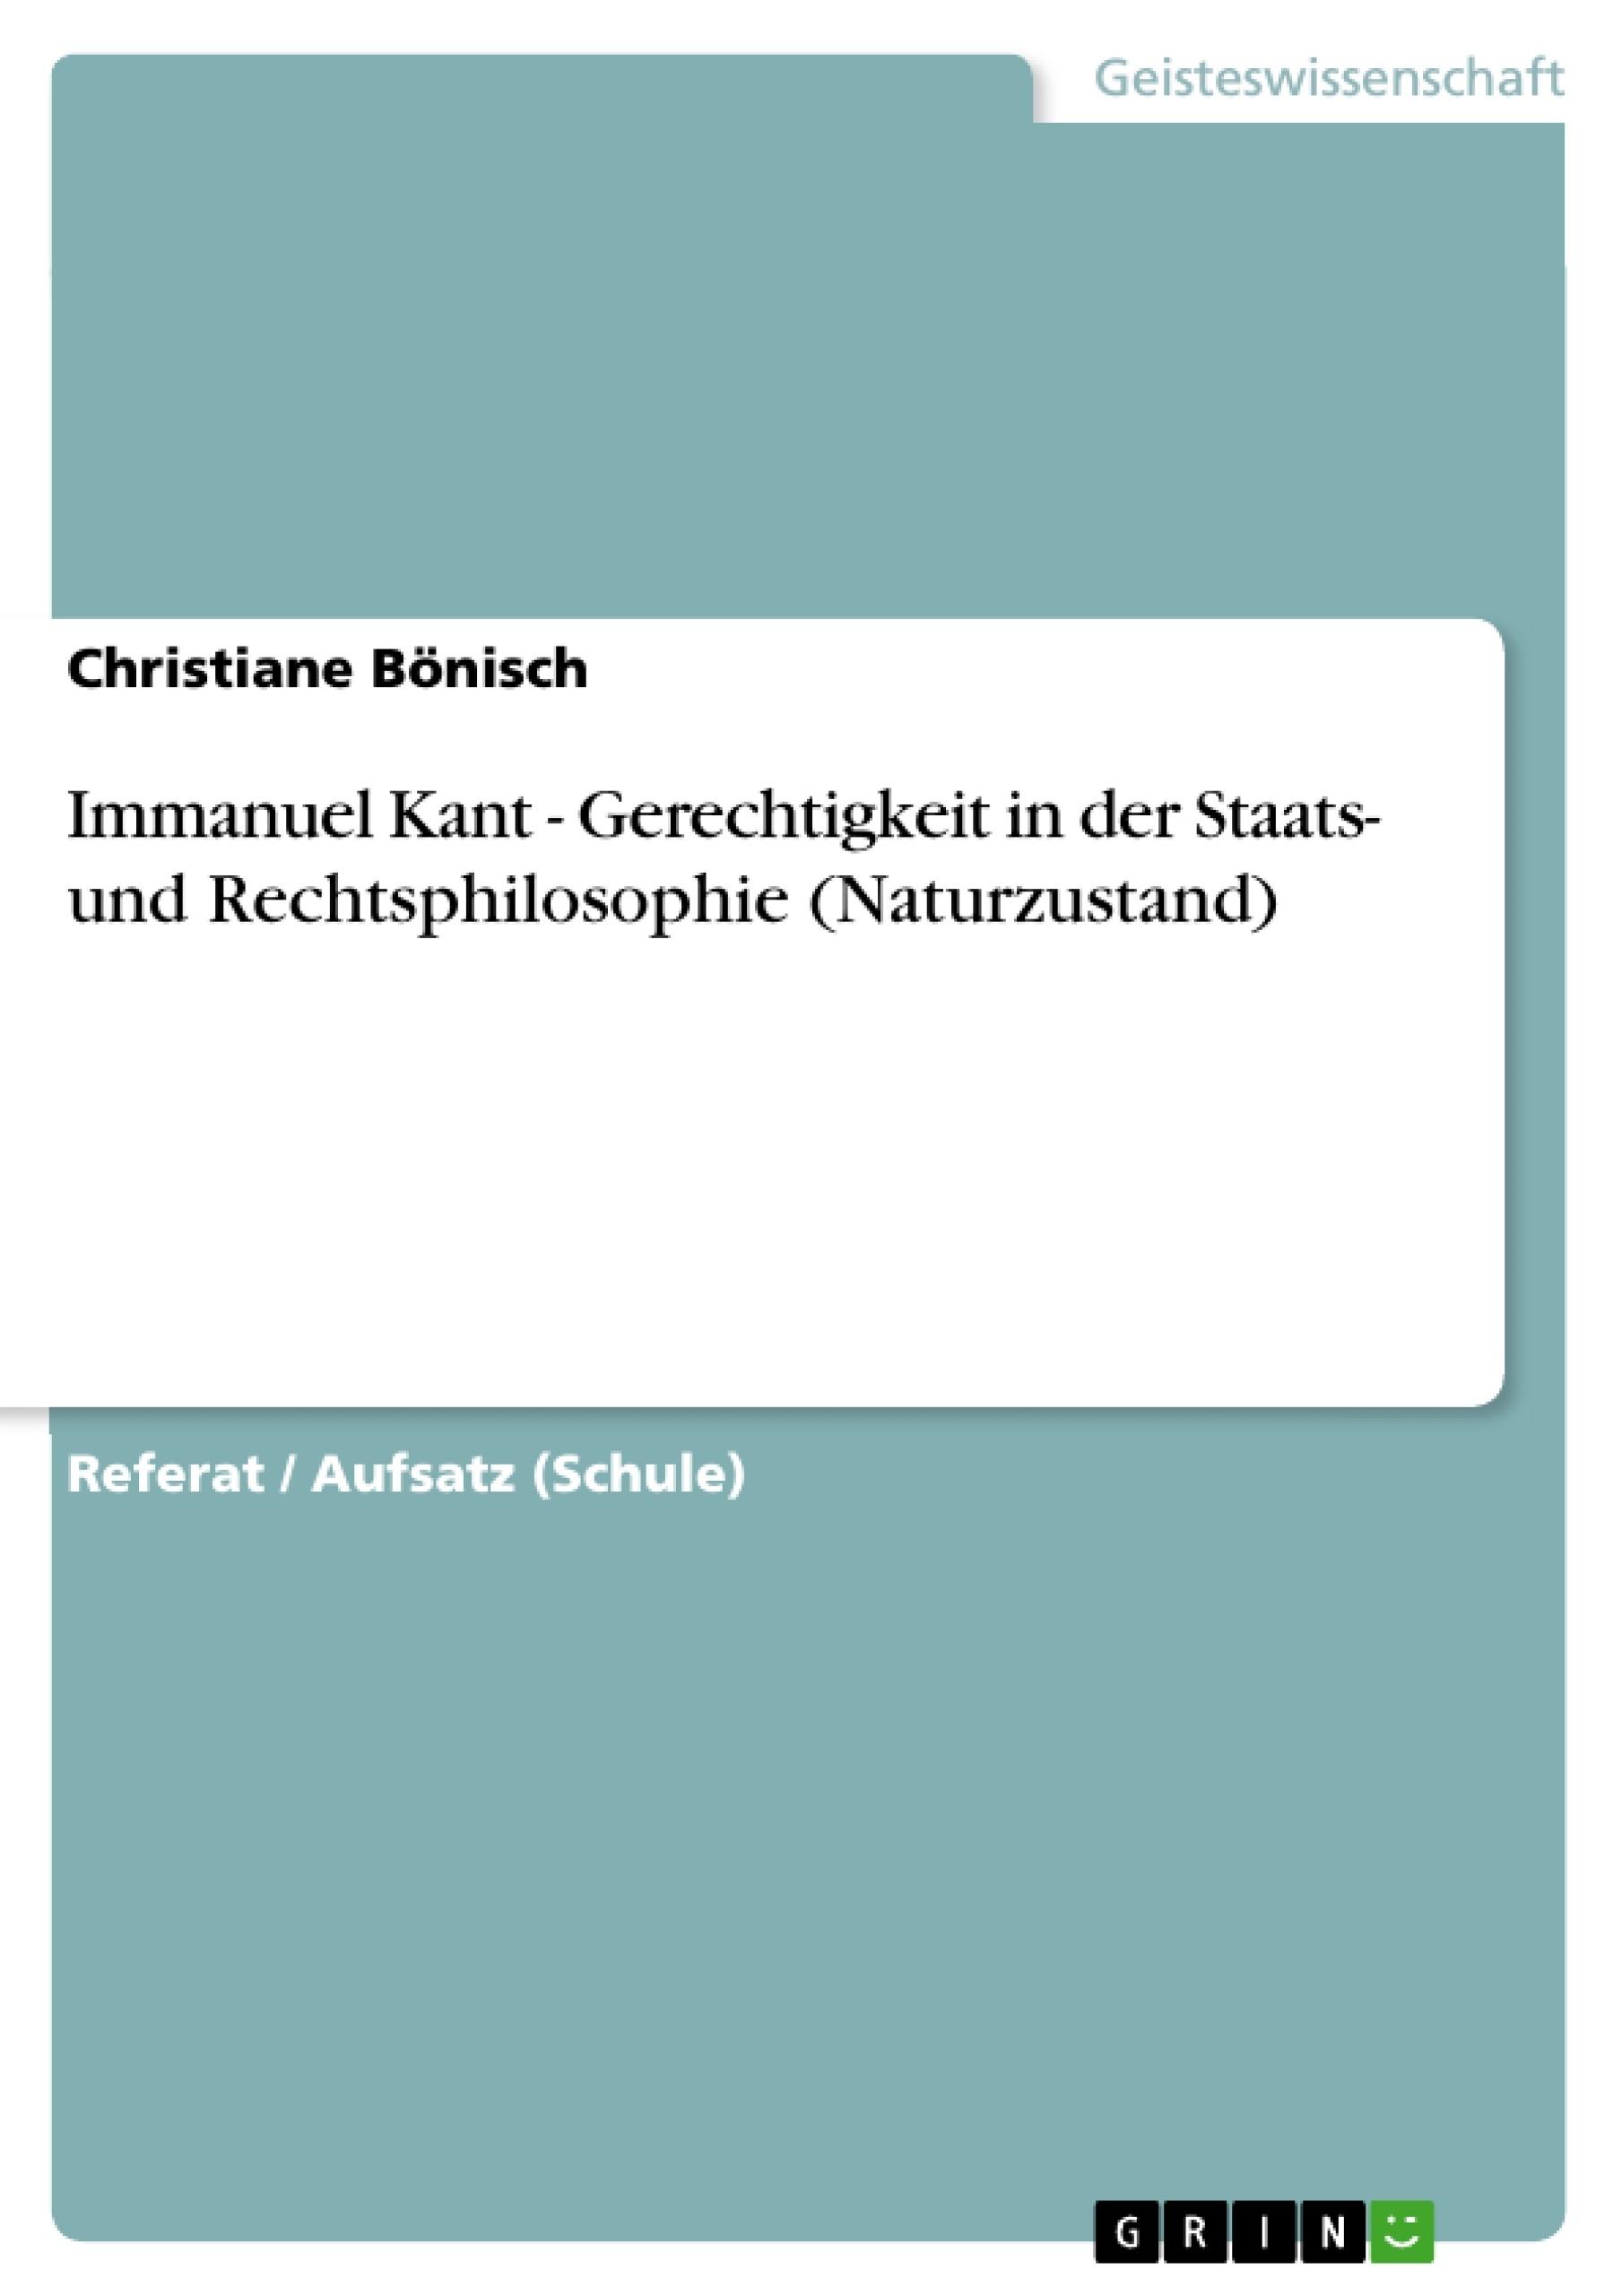 Titel: Immanuel Kant - Gerechtigkeit in der Staats- und Rechtsphilosophie (Naturzustand)